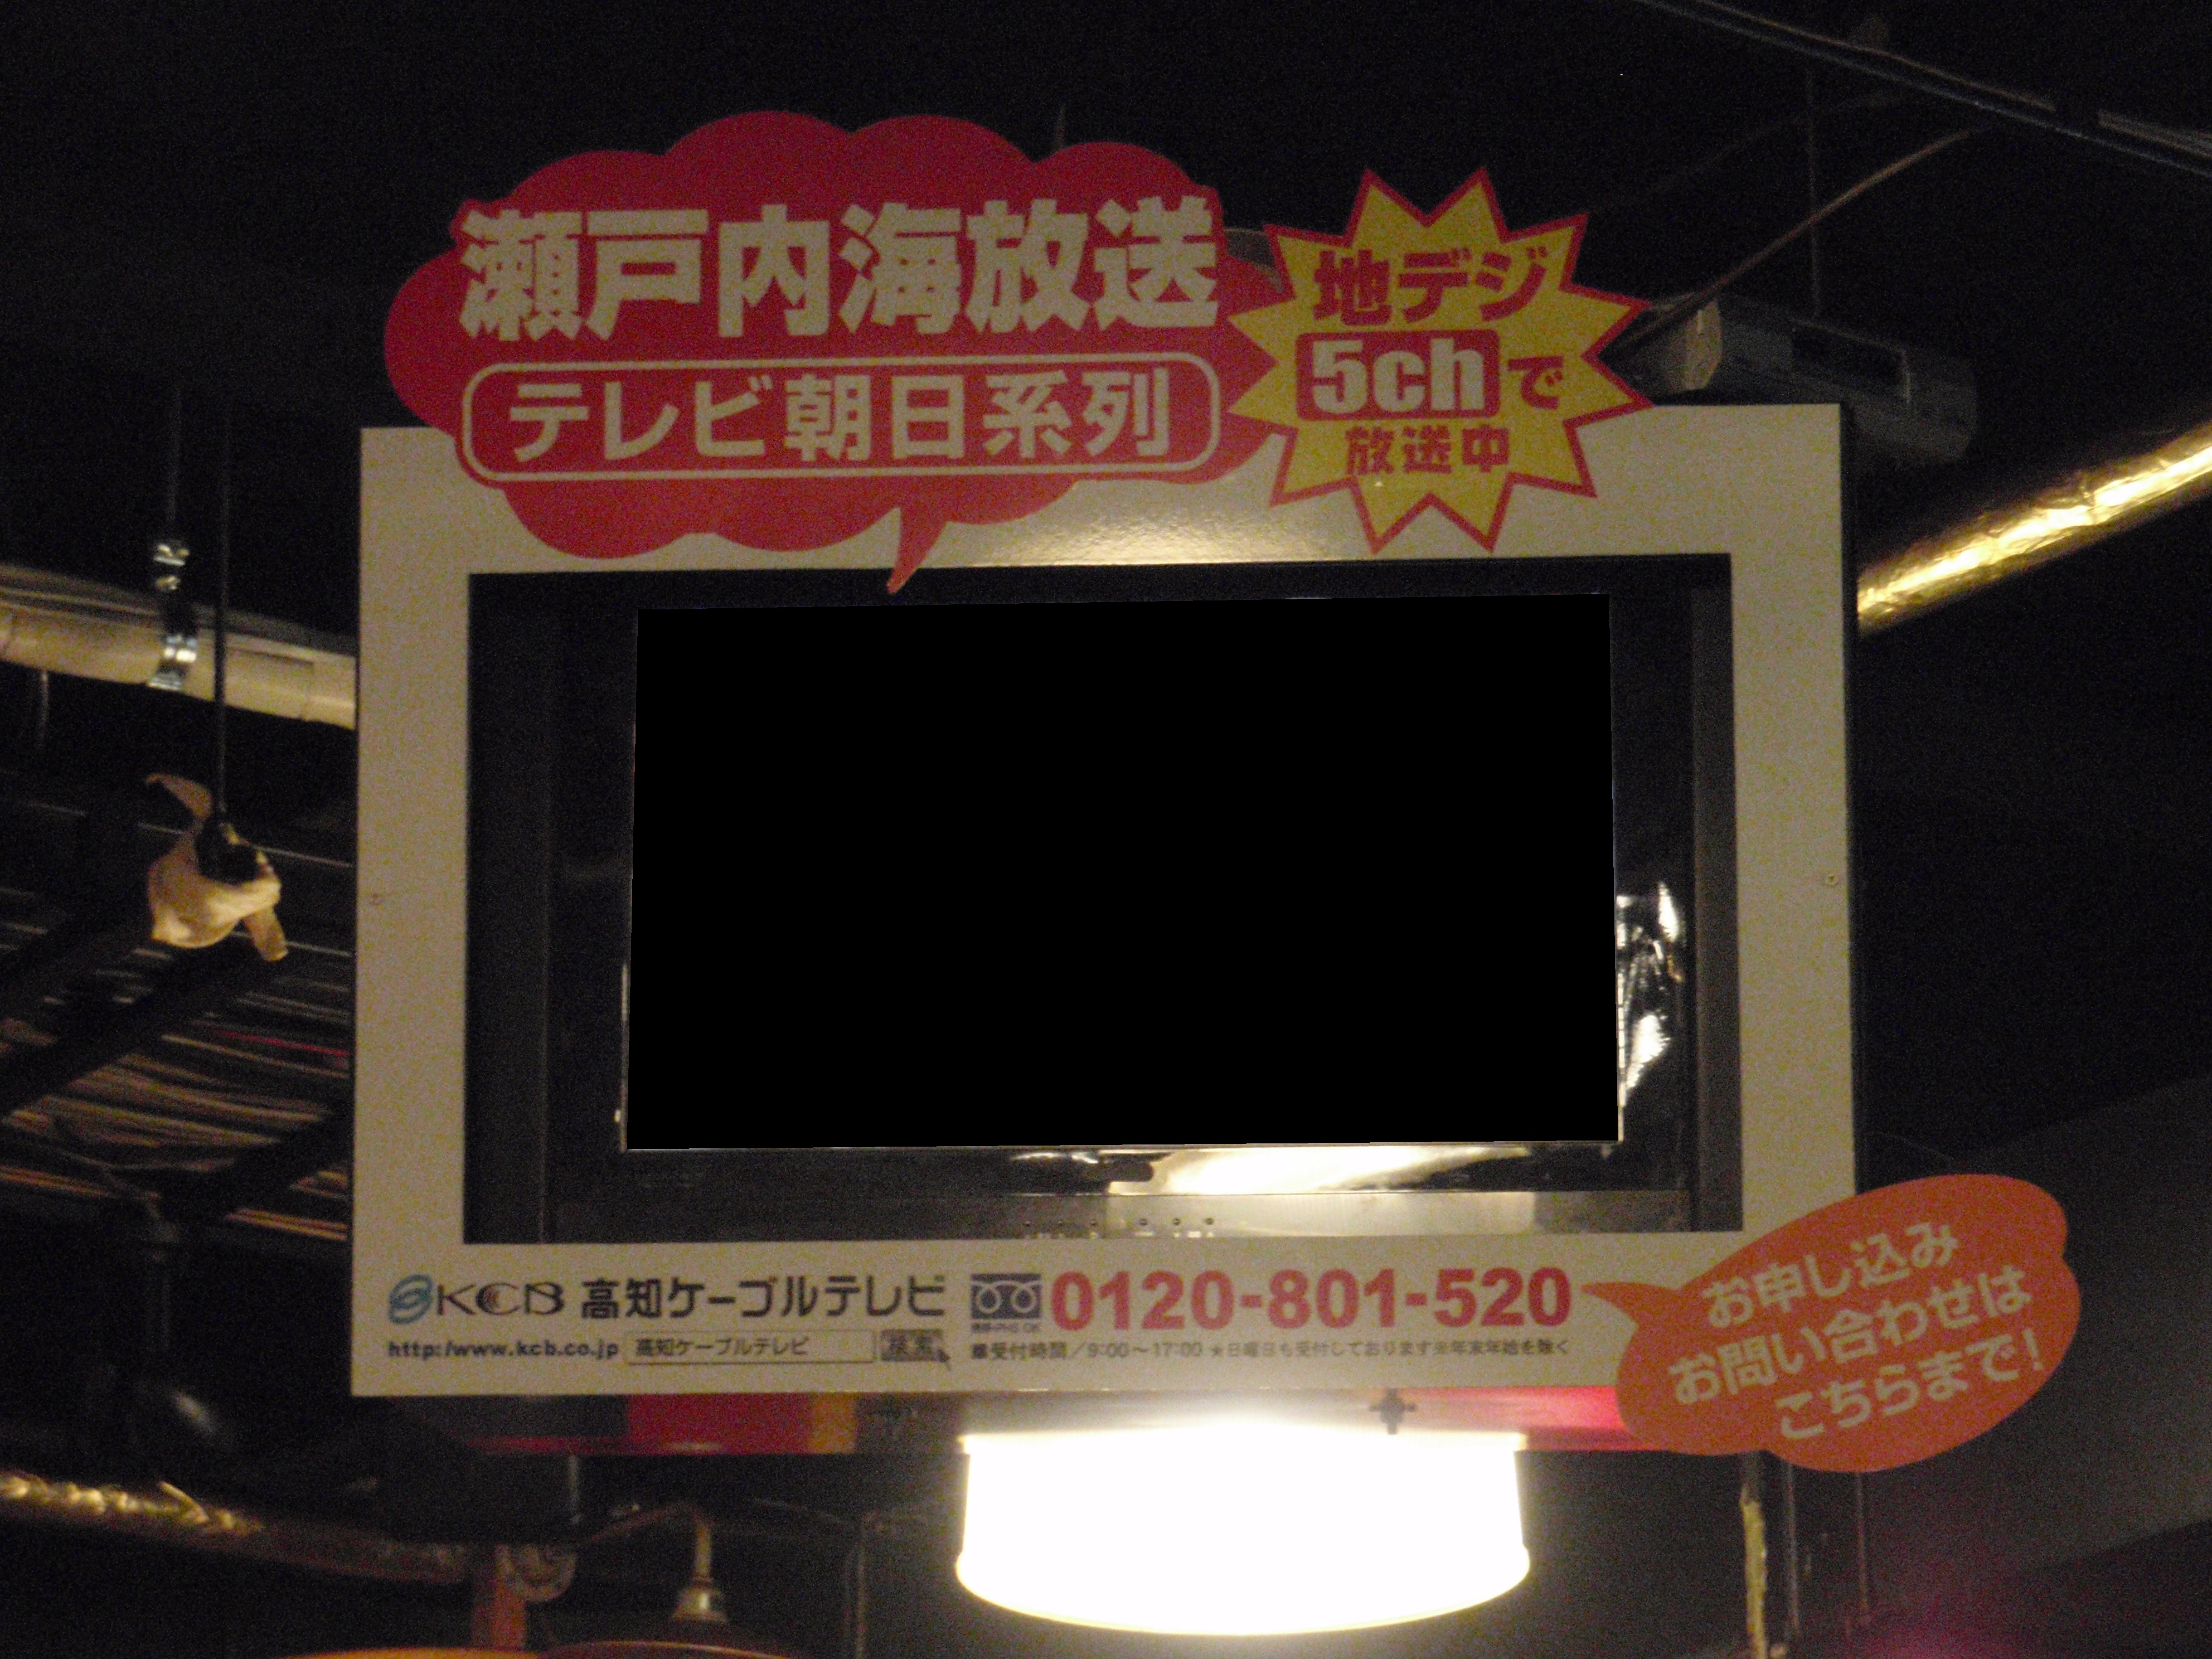 和歌山 番組 表 テレビ